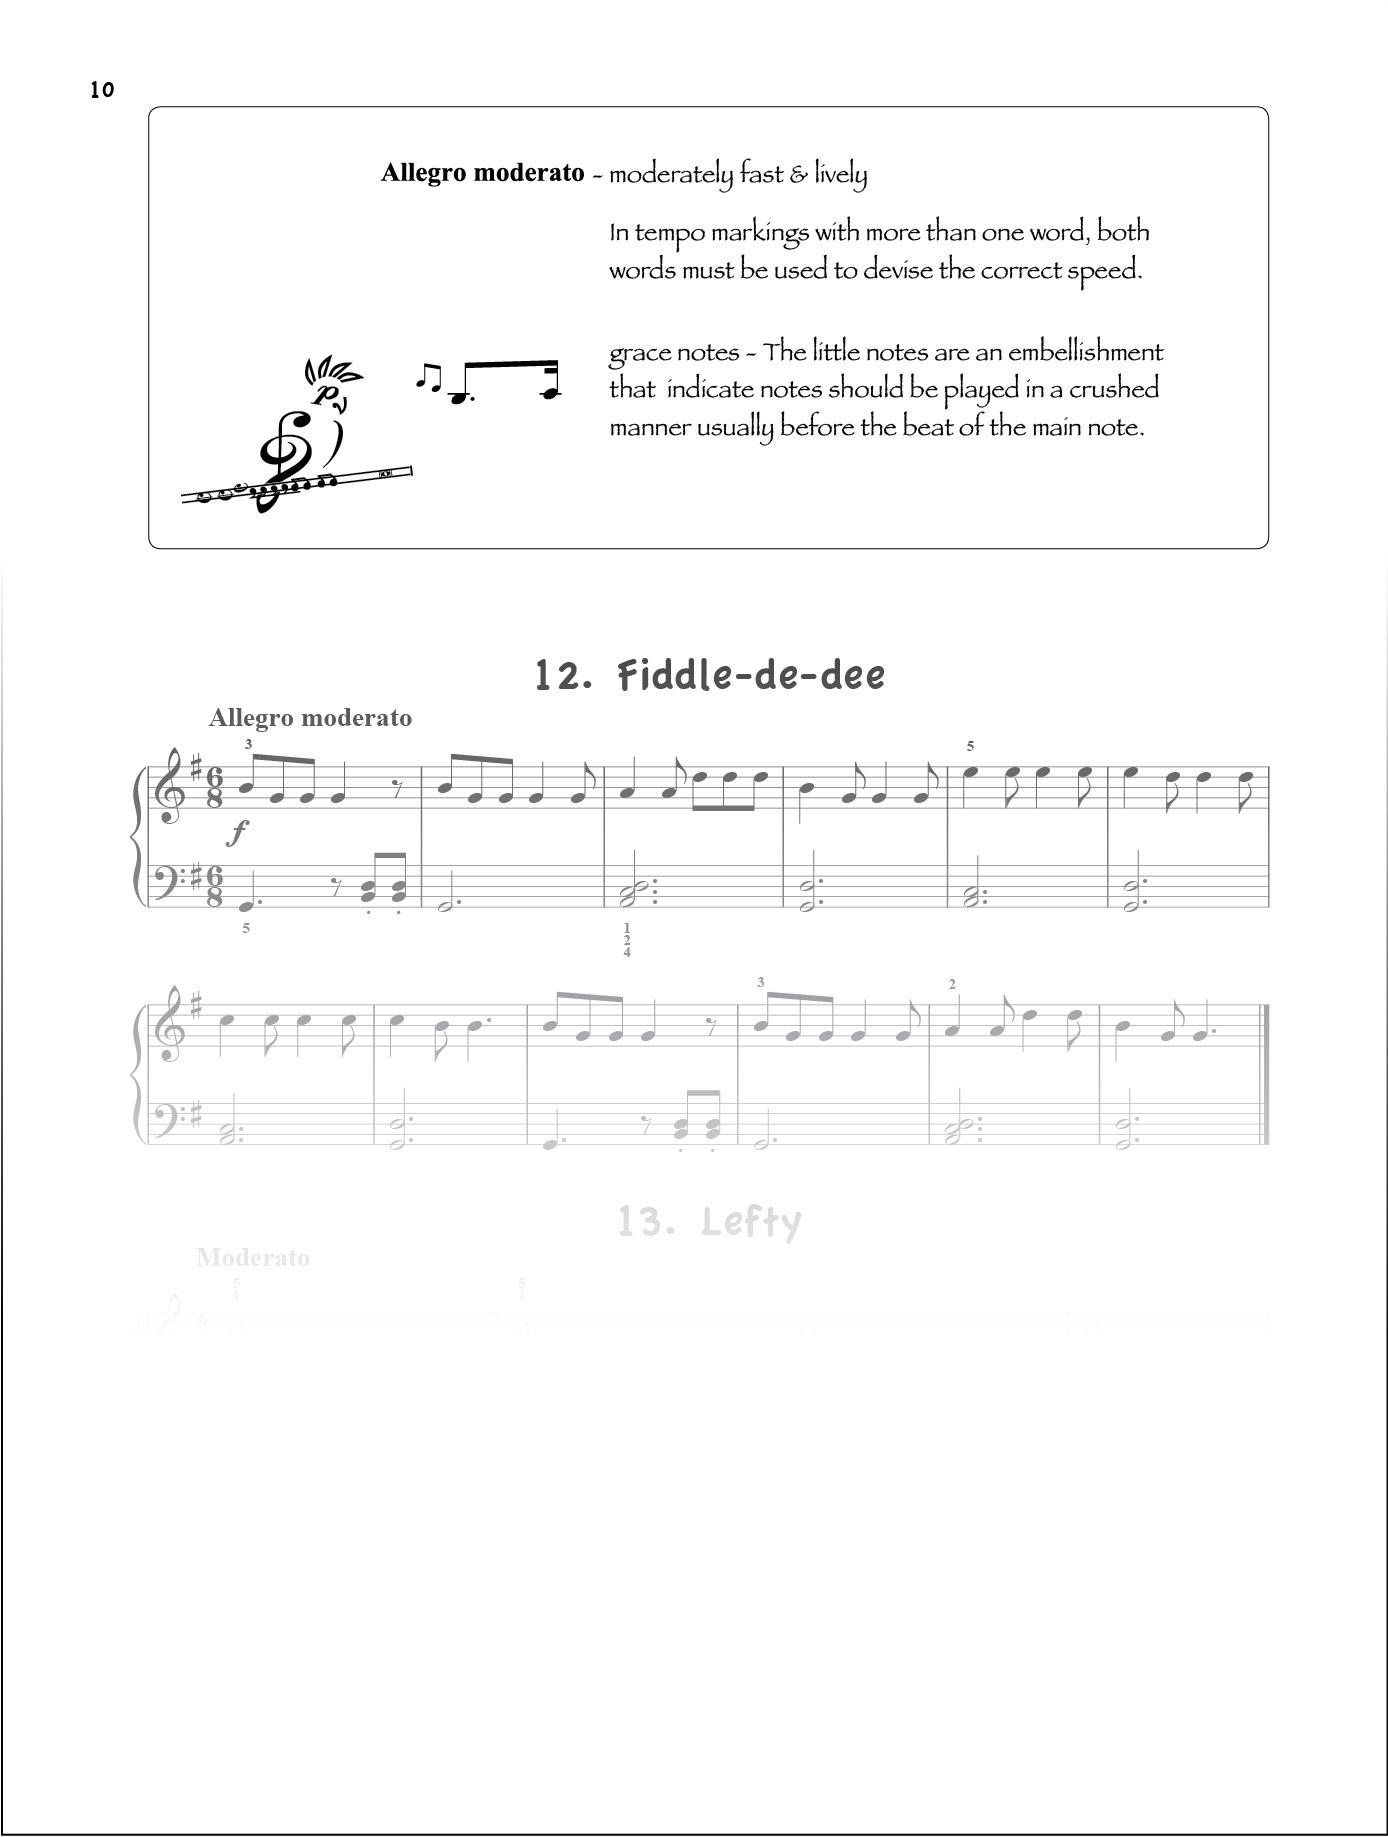 Exam: ANZCA | Reed Music